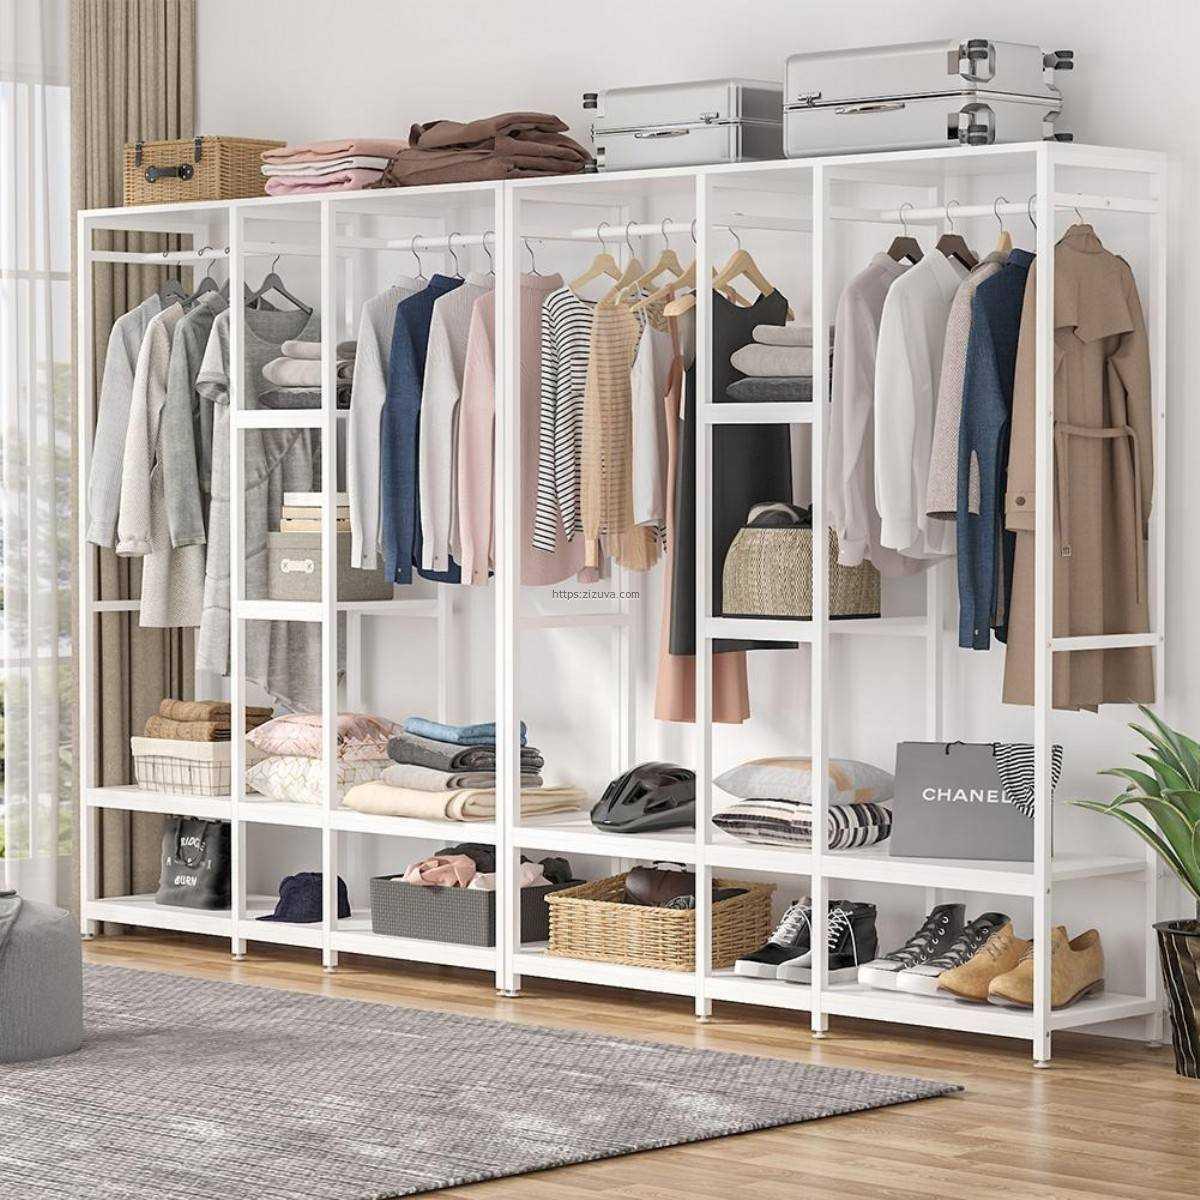 Zizuva Tasarım Beyaz Modern Raf Metal Ev Ofis Büro Elbise Düzenleyici Askılığı